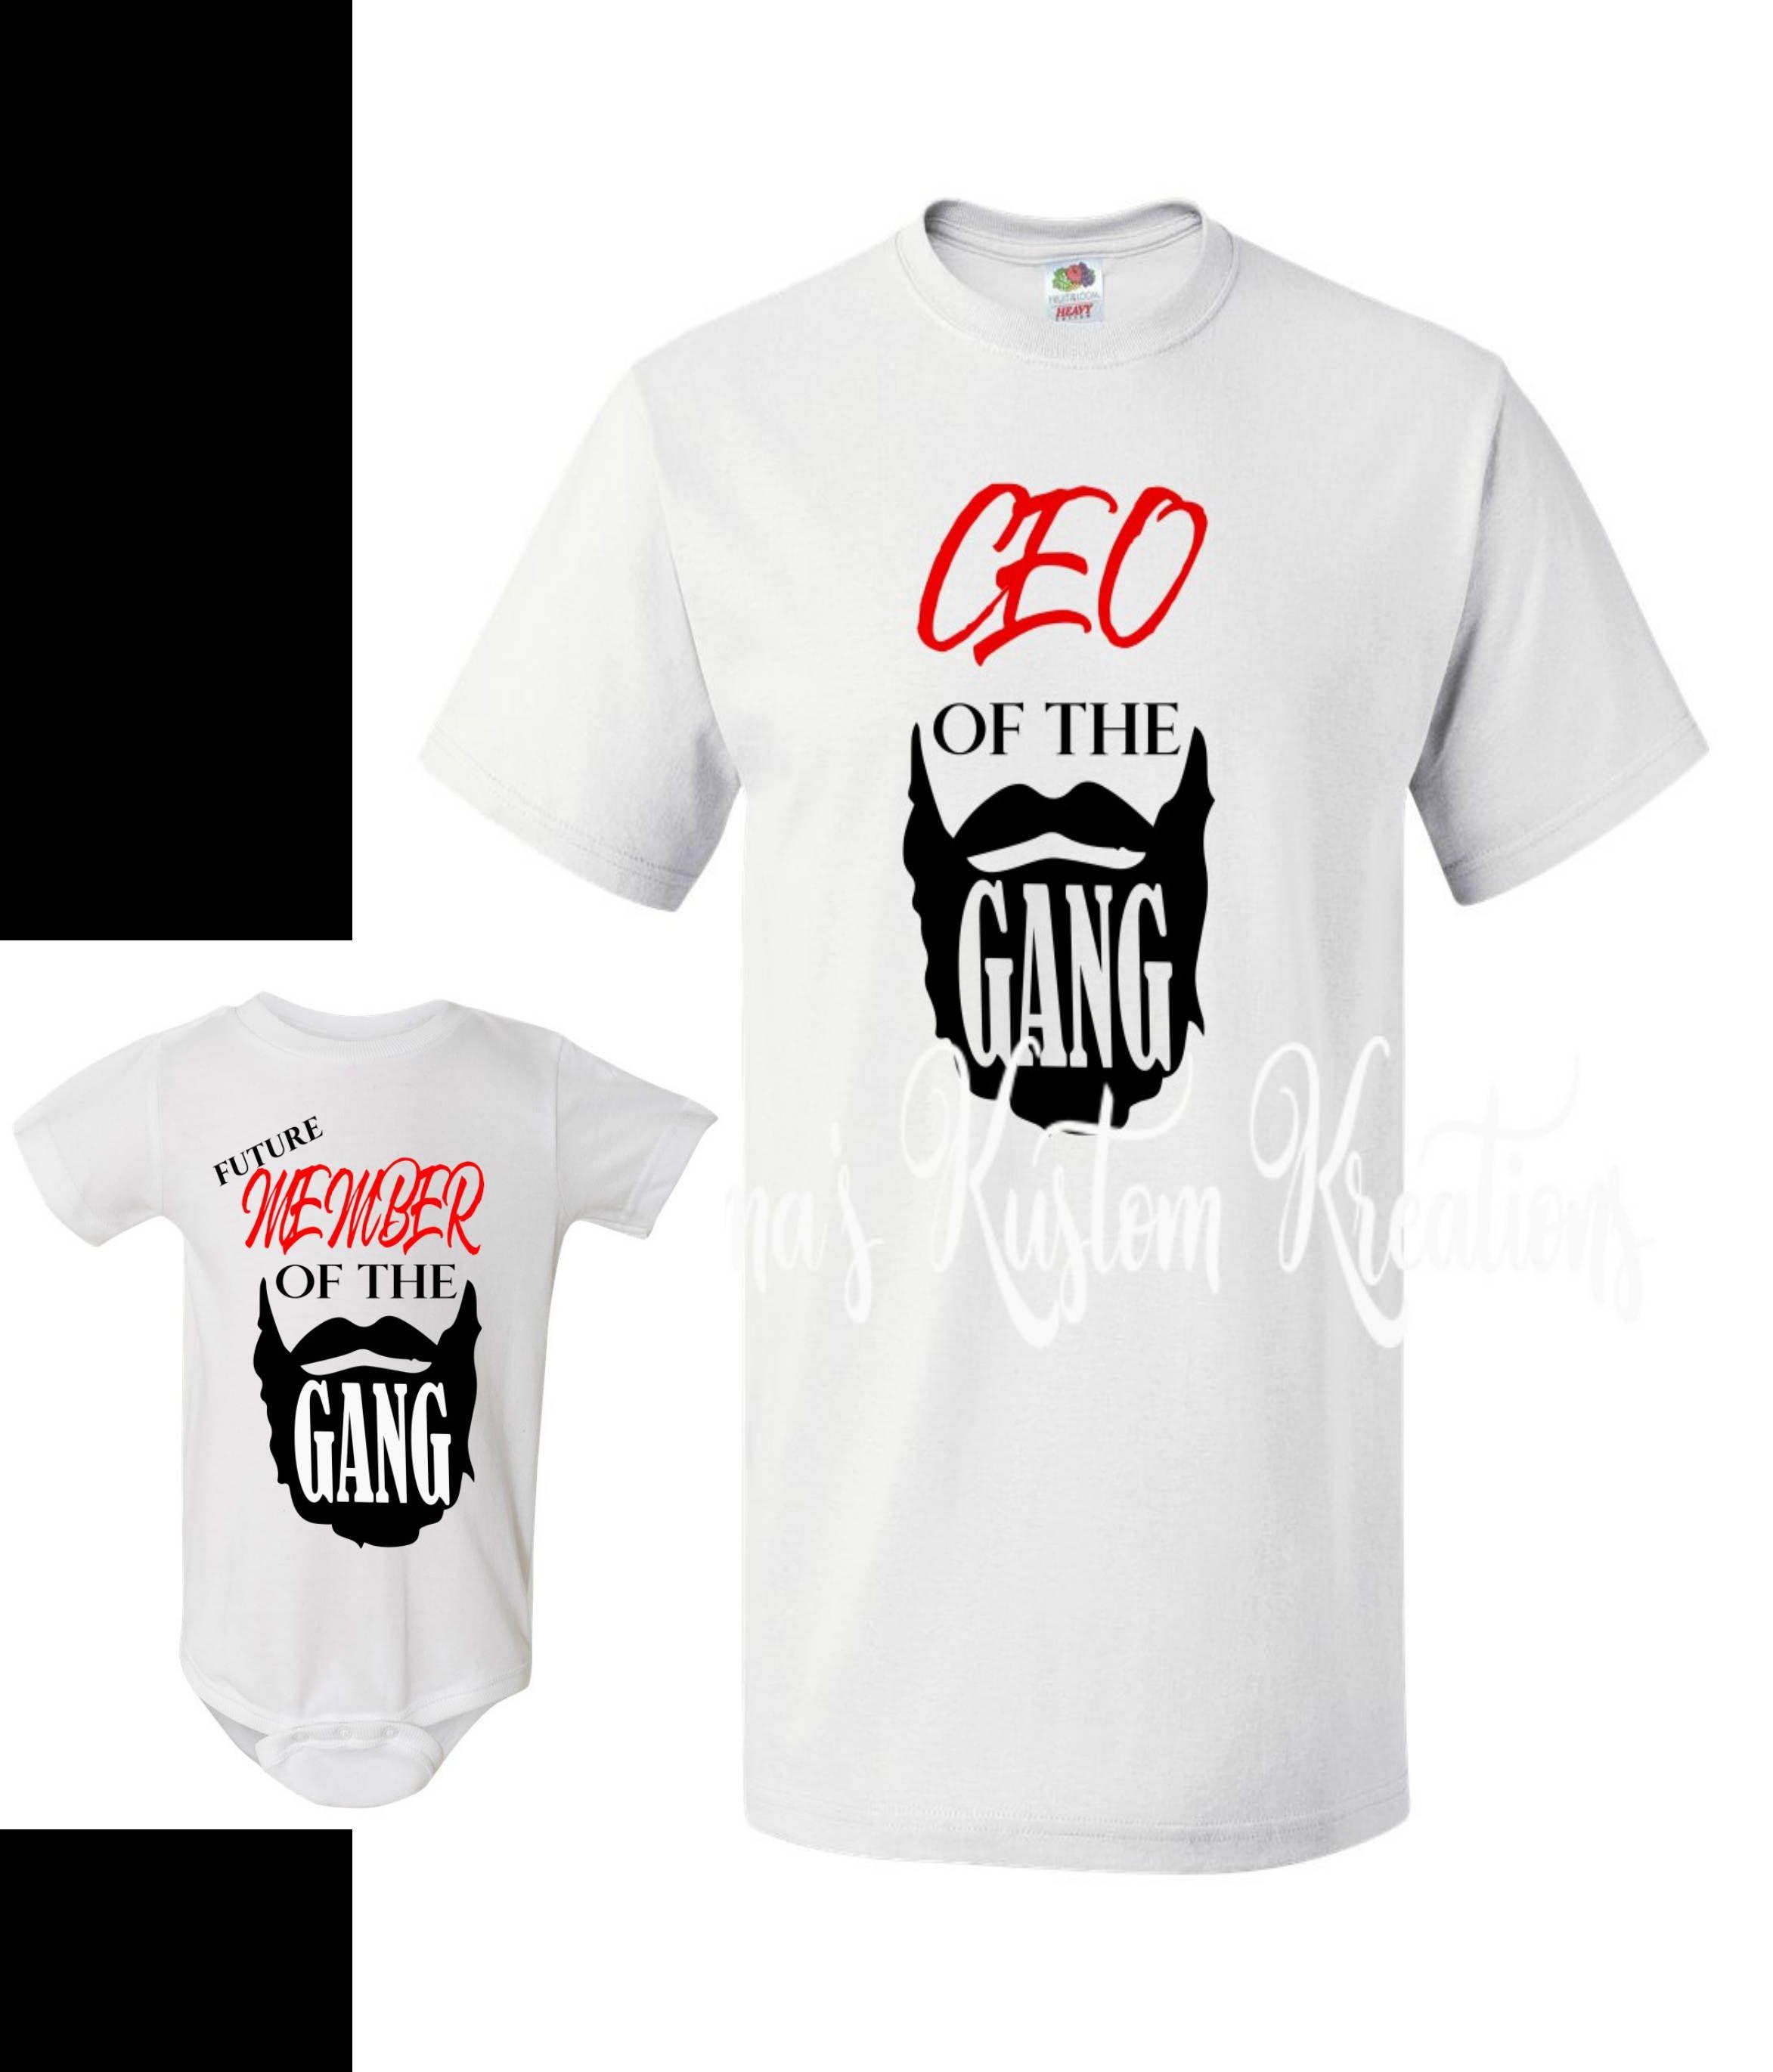 fda475f7b Beard gang, beard gang shirt, father & son shirts, beard shirt, that beard  though, ceo of beard, funny shirt, baby shower gift